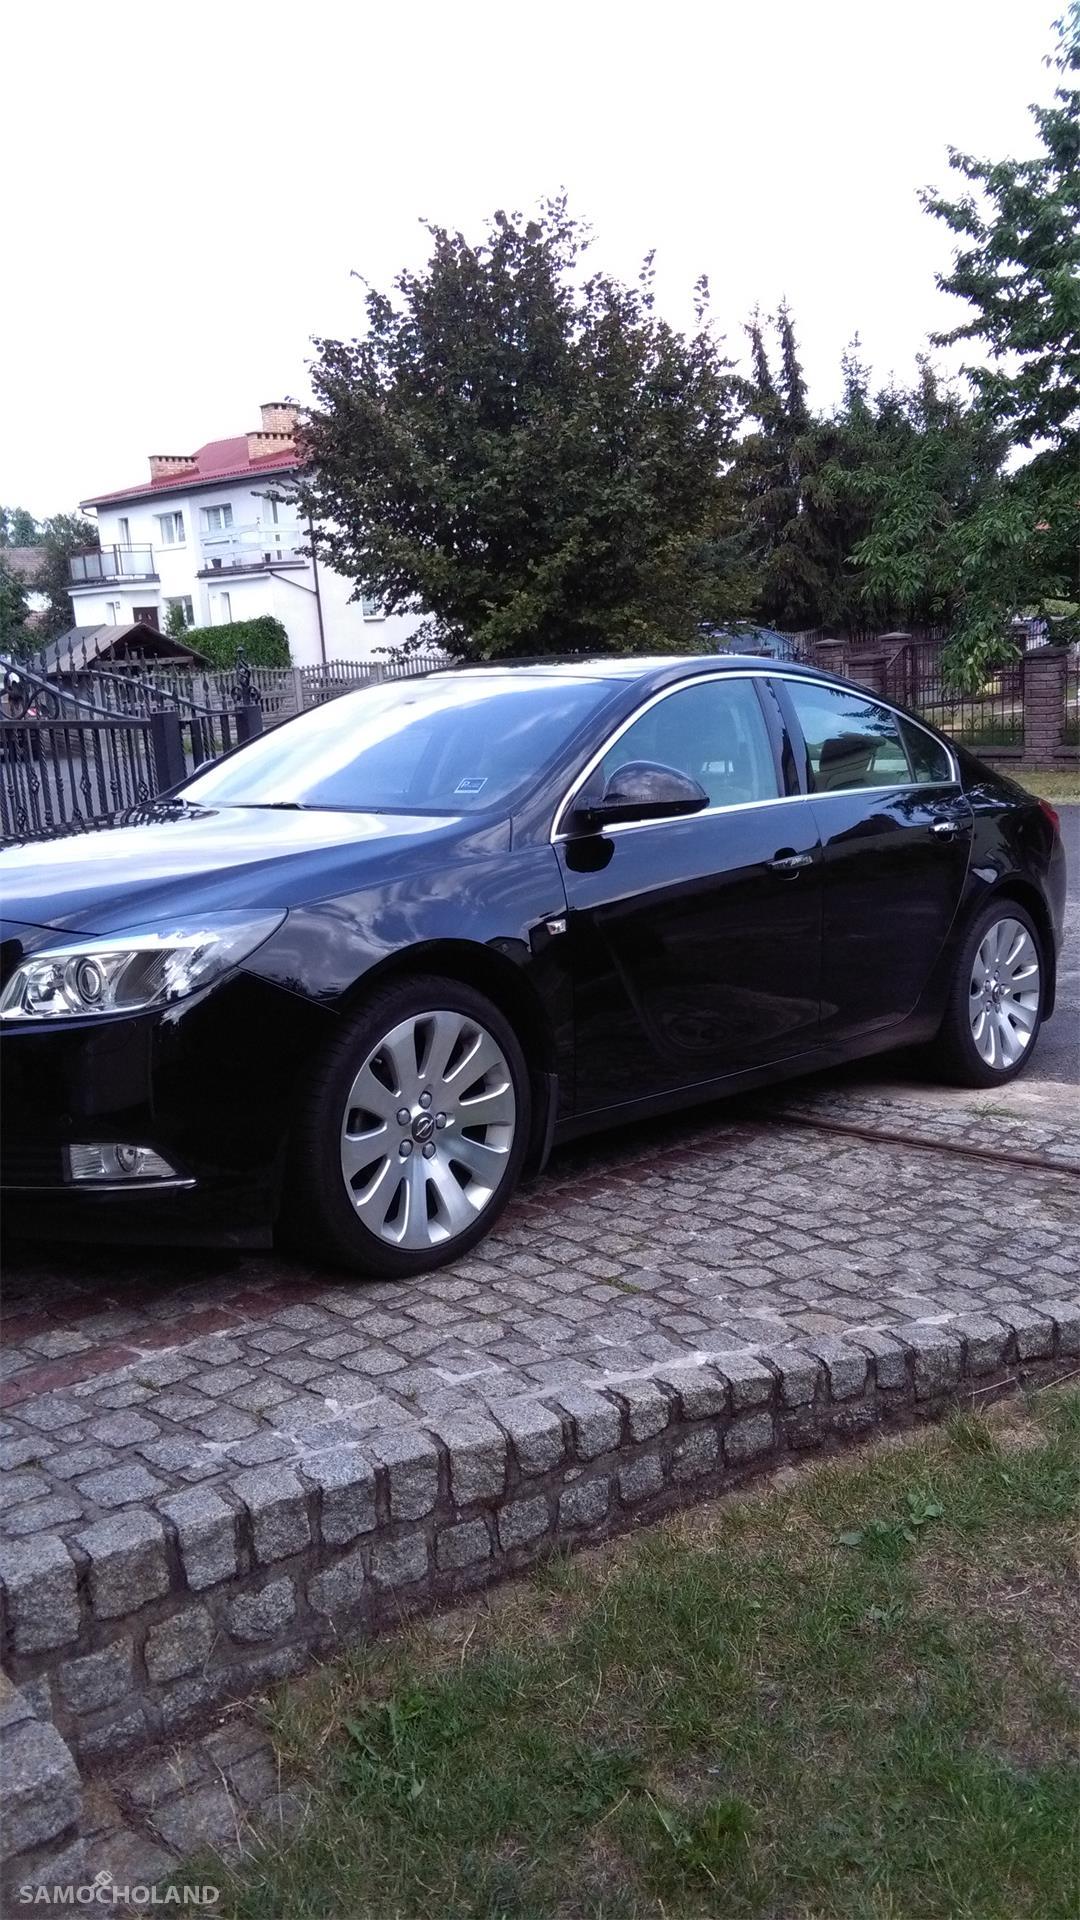 Opel Insignia Auto kupione w Polskim salonie Opla.Pierwszy właściciel, od początku garażowany.Stan techniczny oraz wnętrza bardzo dobry. Niwielki przebieg - 83400 km. 2